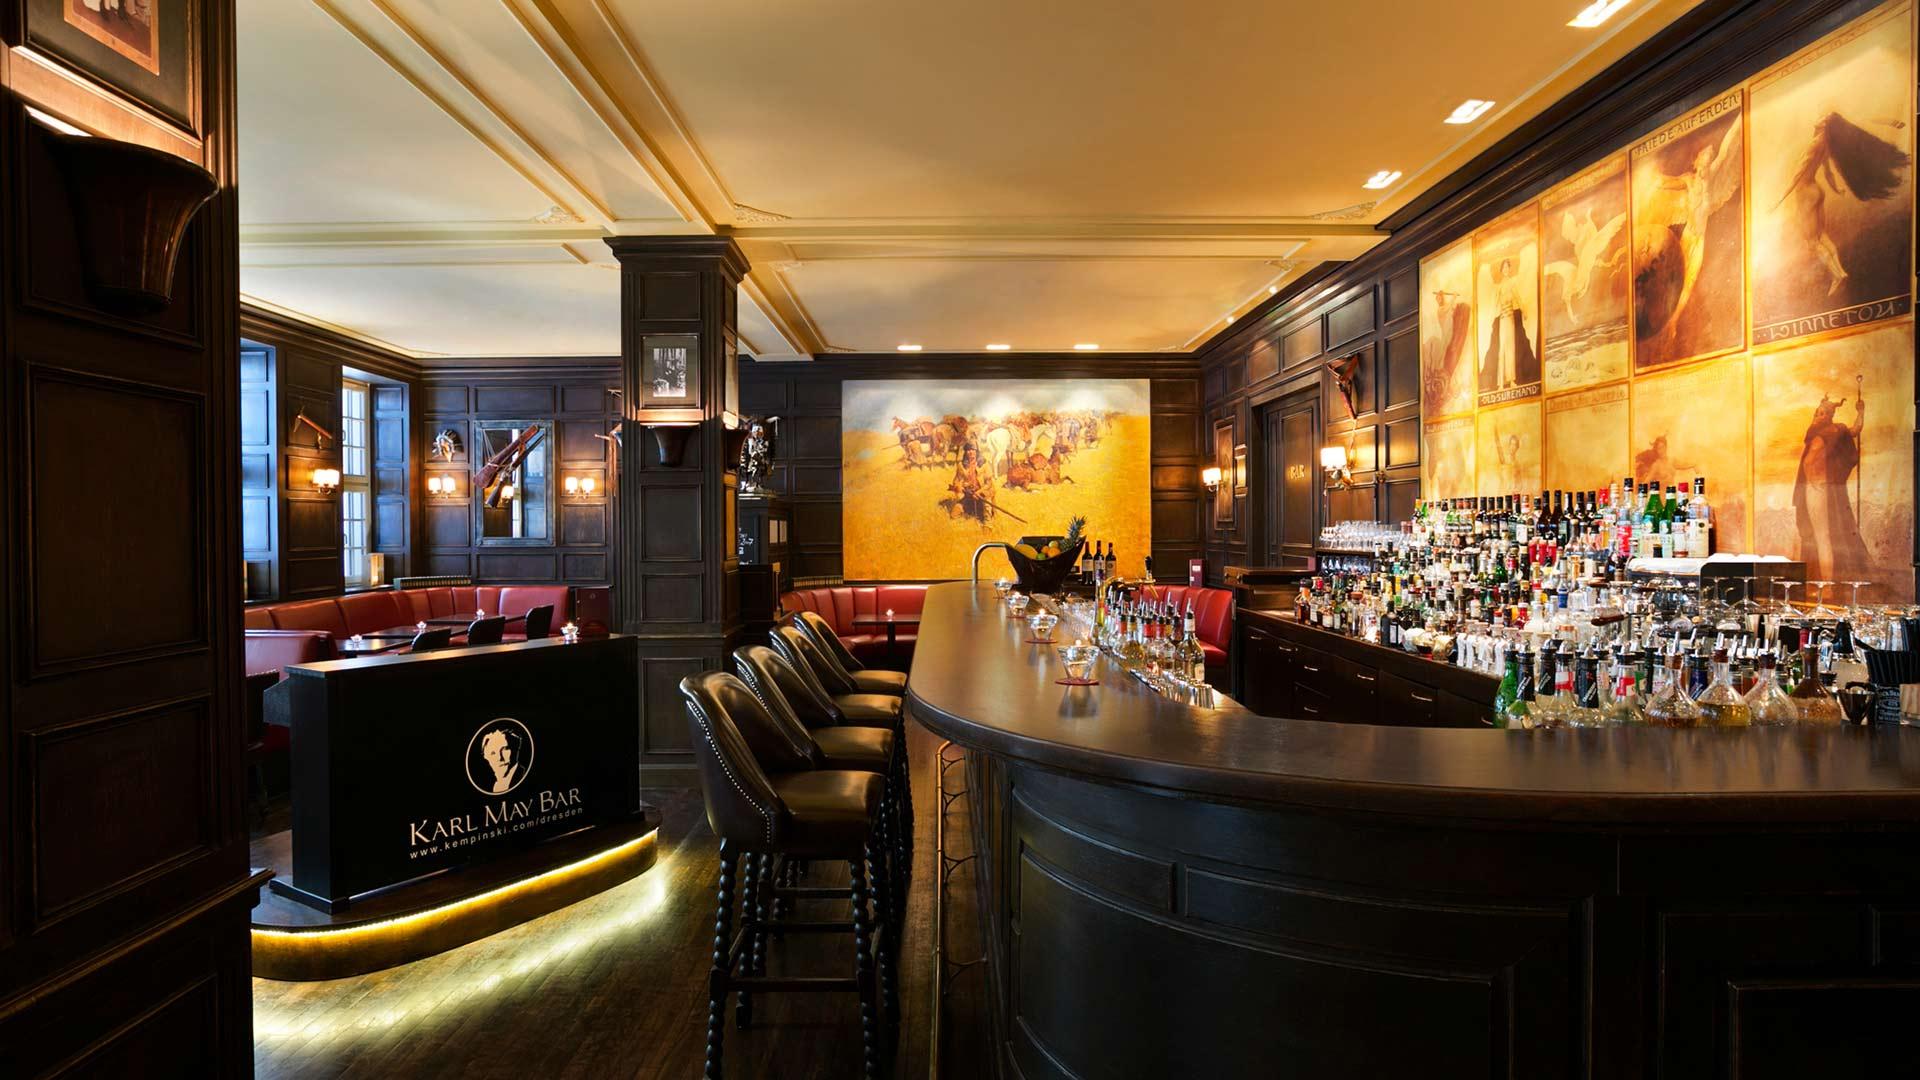 Karl May Bar Dresden | Mixology Bar Guide